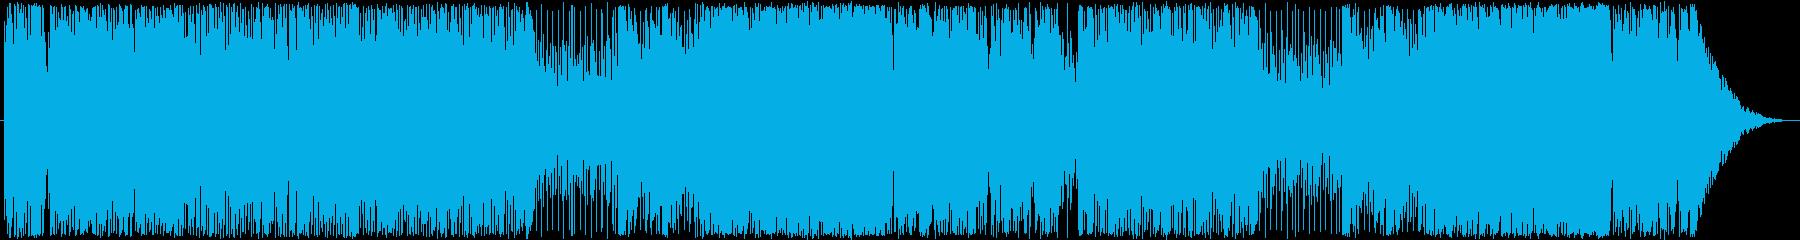 ノリのよいアップテンポな曲の再生済みの波形